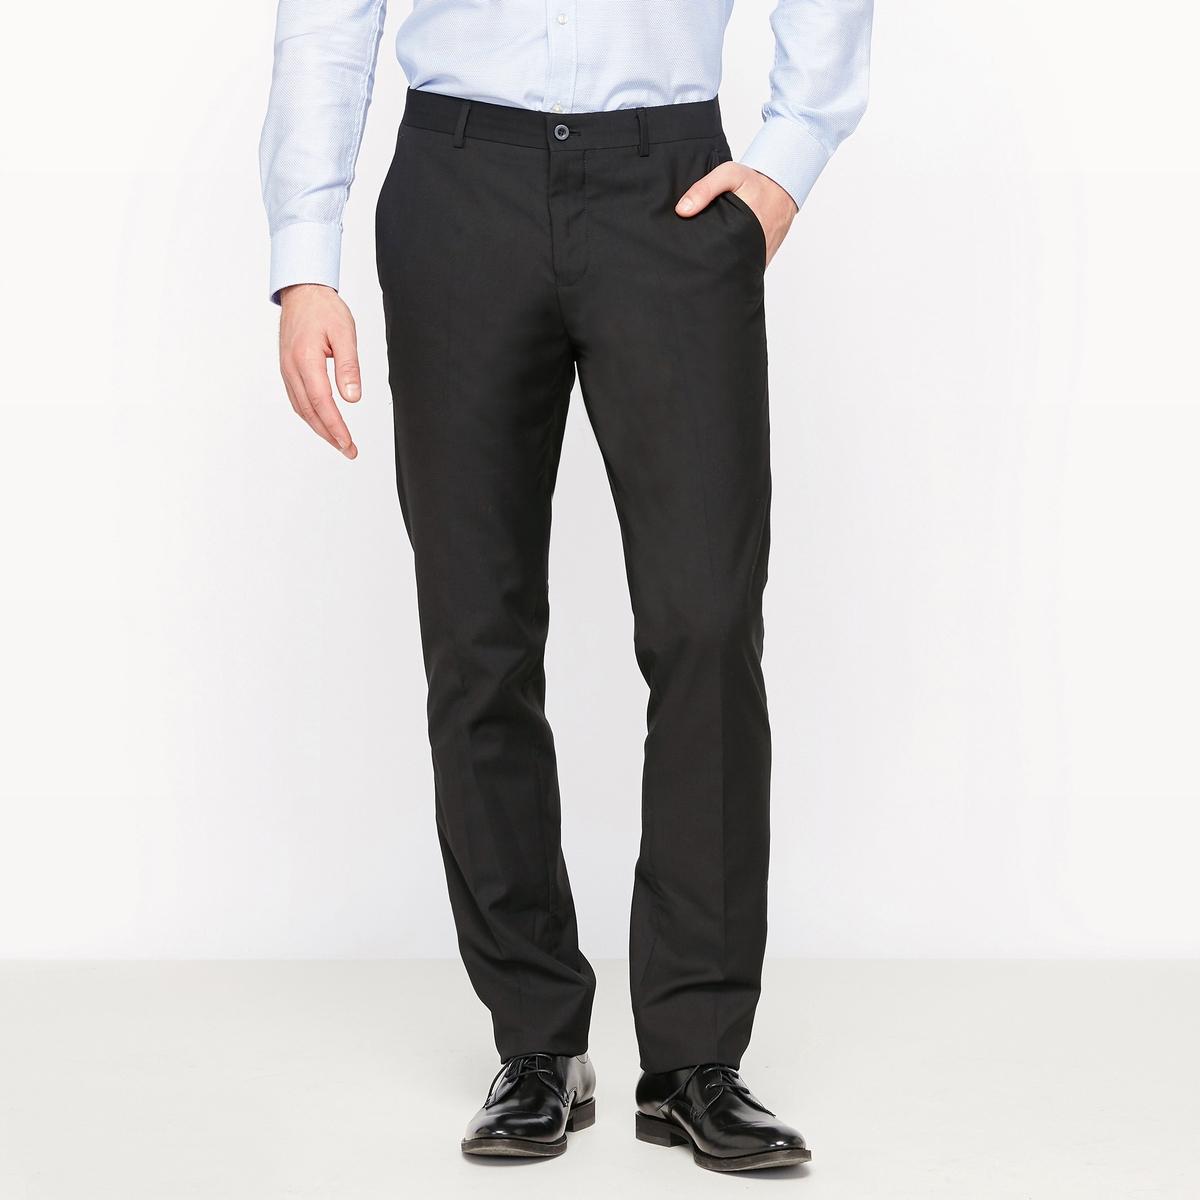 Брюки костюмные прямого покрояБрюки костюмные. Прямой покрой. 2 боковых кармана, 2 прорезных кармана сзади. Шлевки для ремня. Застёжка на молнию и пуговицу.Состав и описаниеМатериалы : 80% полиэстера, 20% вискозы Длина по внутр.шву : 85 см - Ширина по низу: 19,5 смМарка :      R ?ditionУходРекомендуется сухая чистка<br><br>Цвет: черный<br>Размер: 52 (FR) - 58 (RUS).40 (FR) - 46 (RUS).38 (FR) - 44 (RUS).44 (FR) - 50 (RUS)